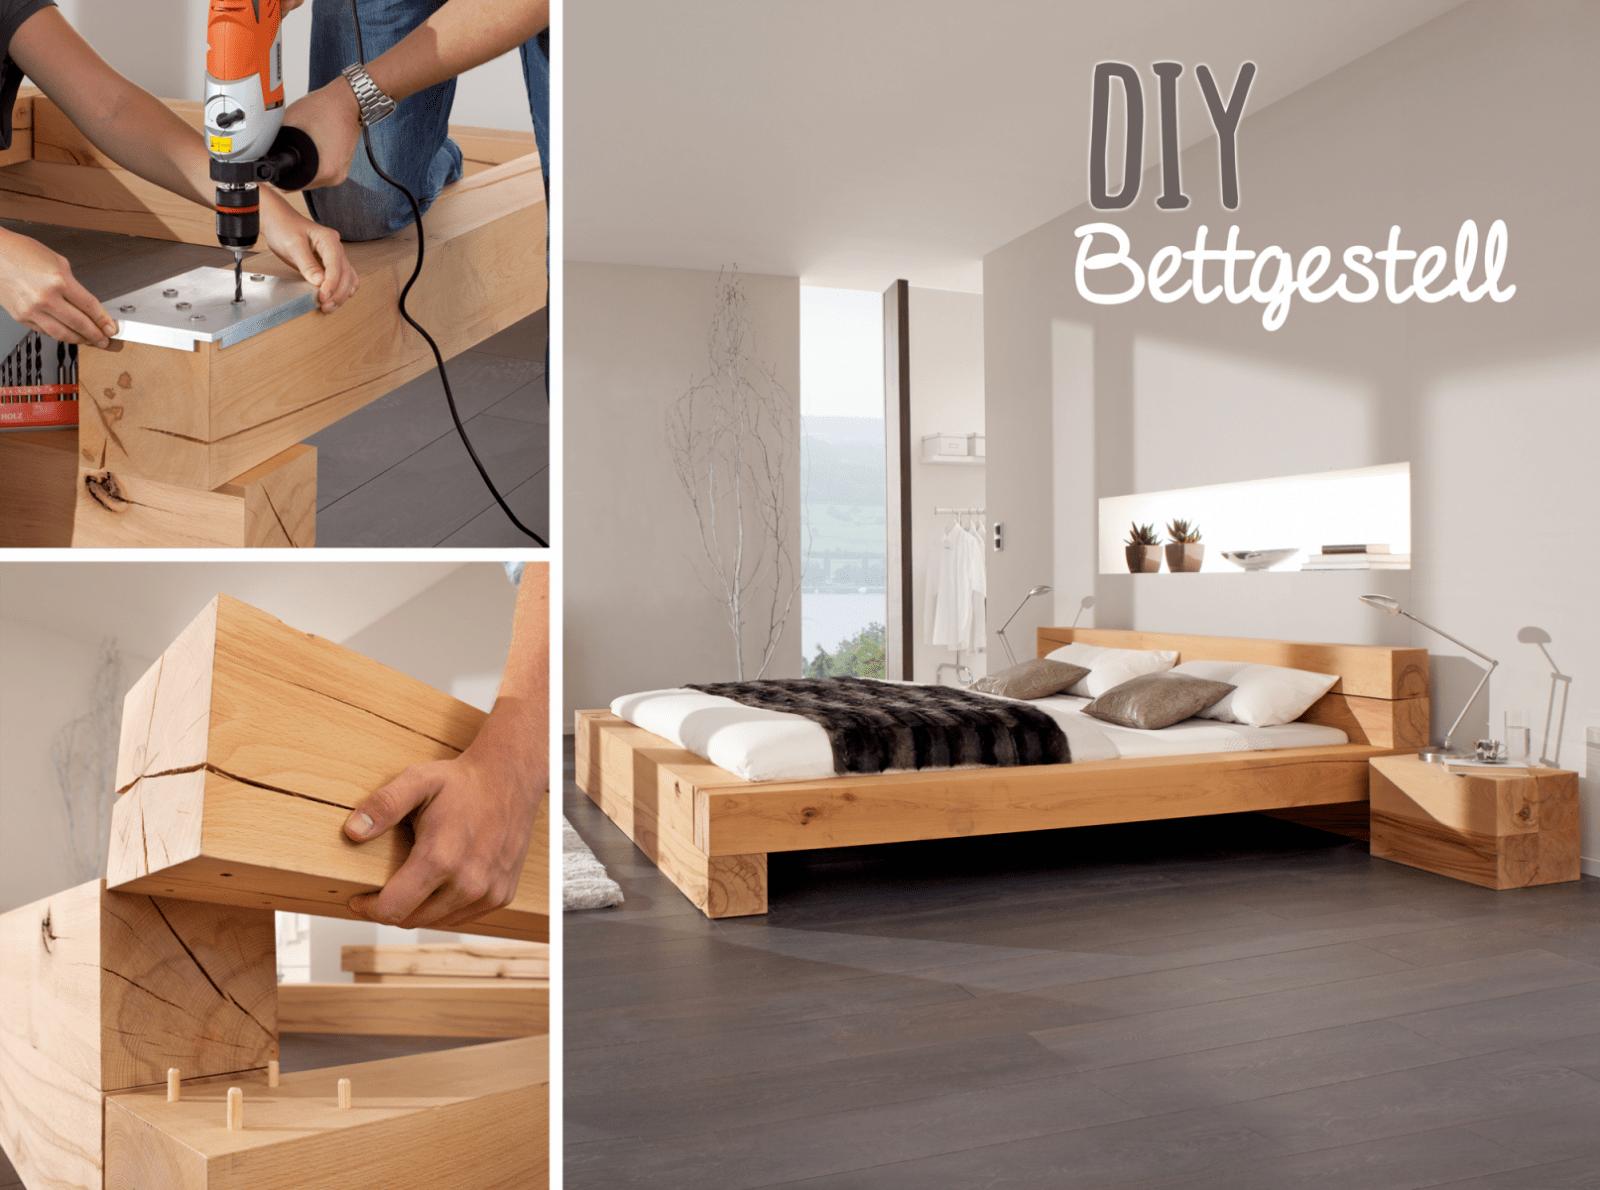 Massiv Blox Holzbalken  Do It Yourself  Bett Holzbalken Bett Und von Bett Aus Holz Bauen Photo